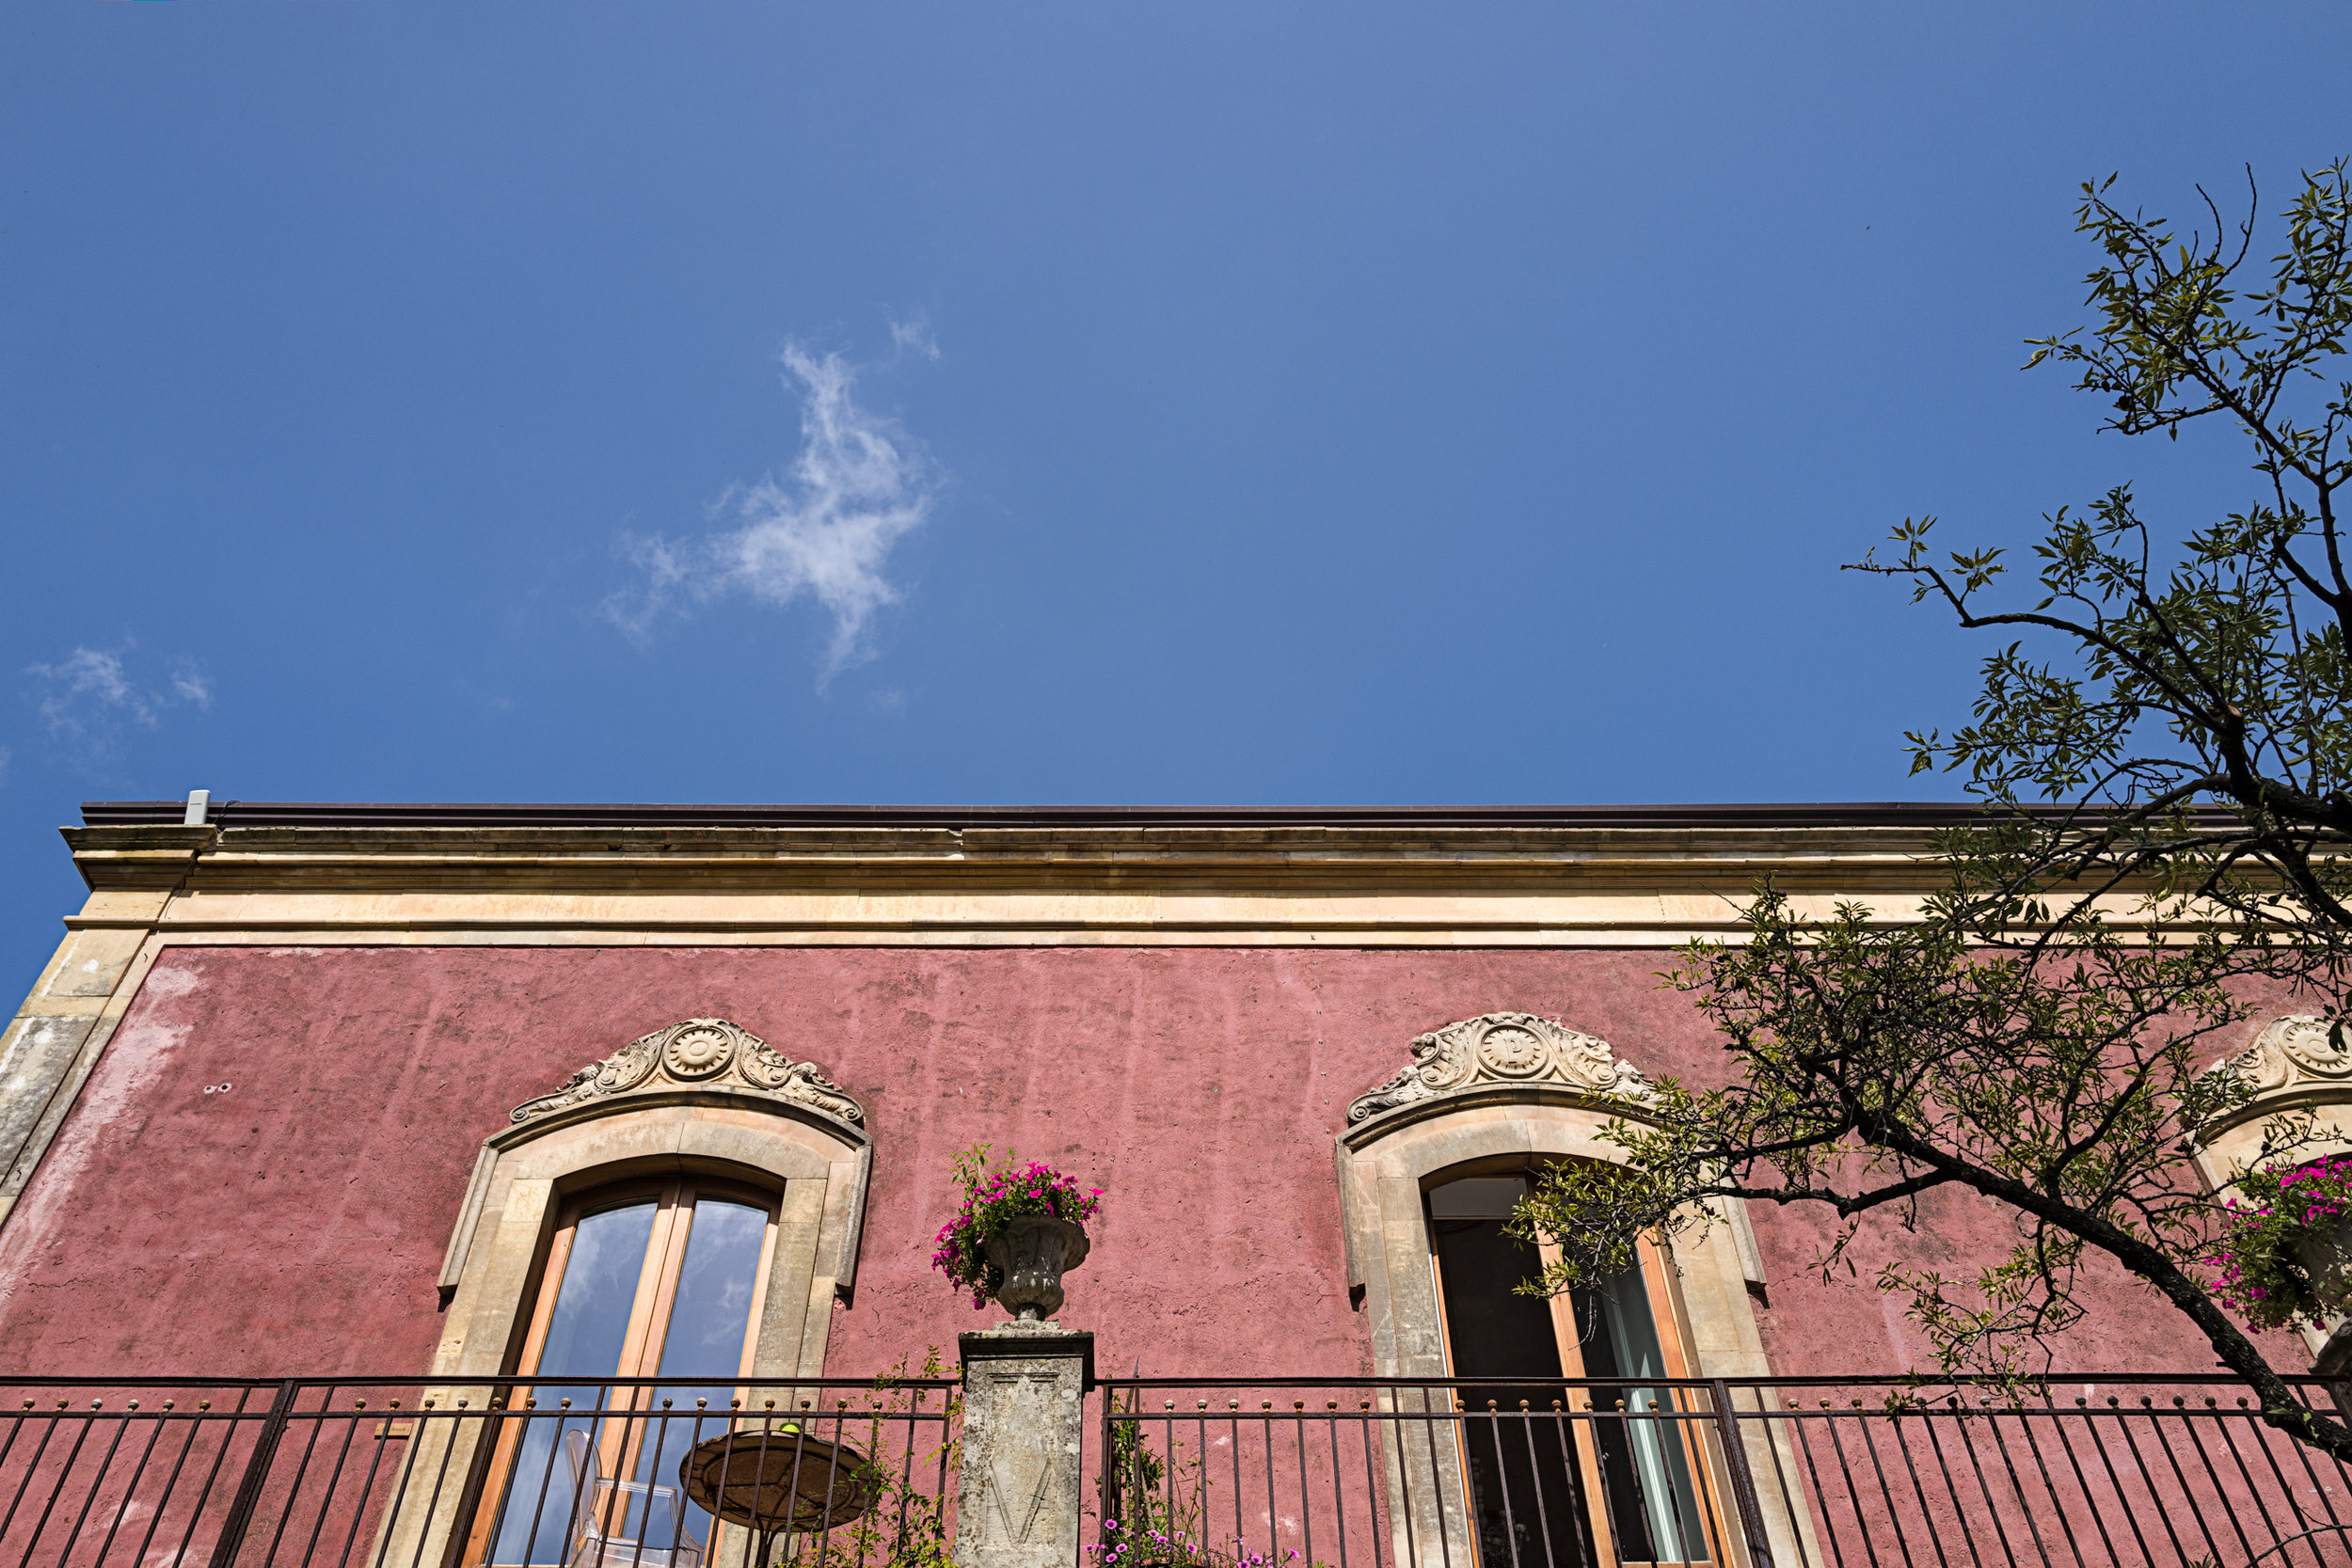 Main House at Monaci delle Terre Nere